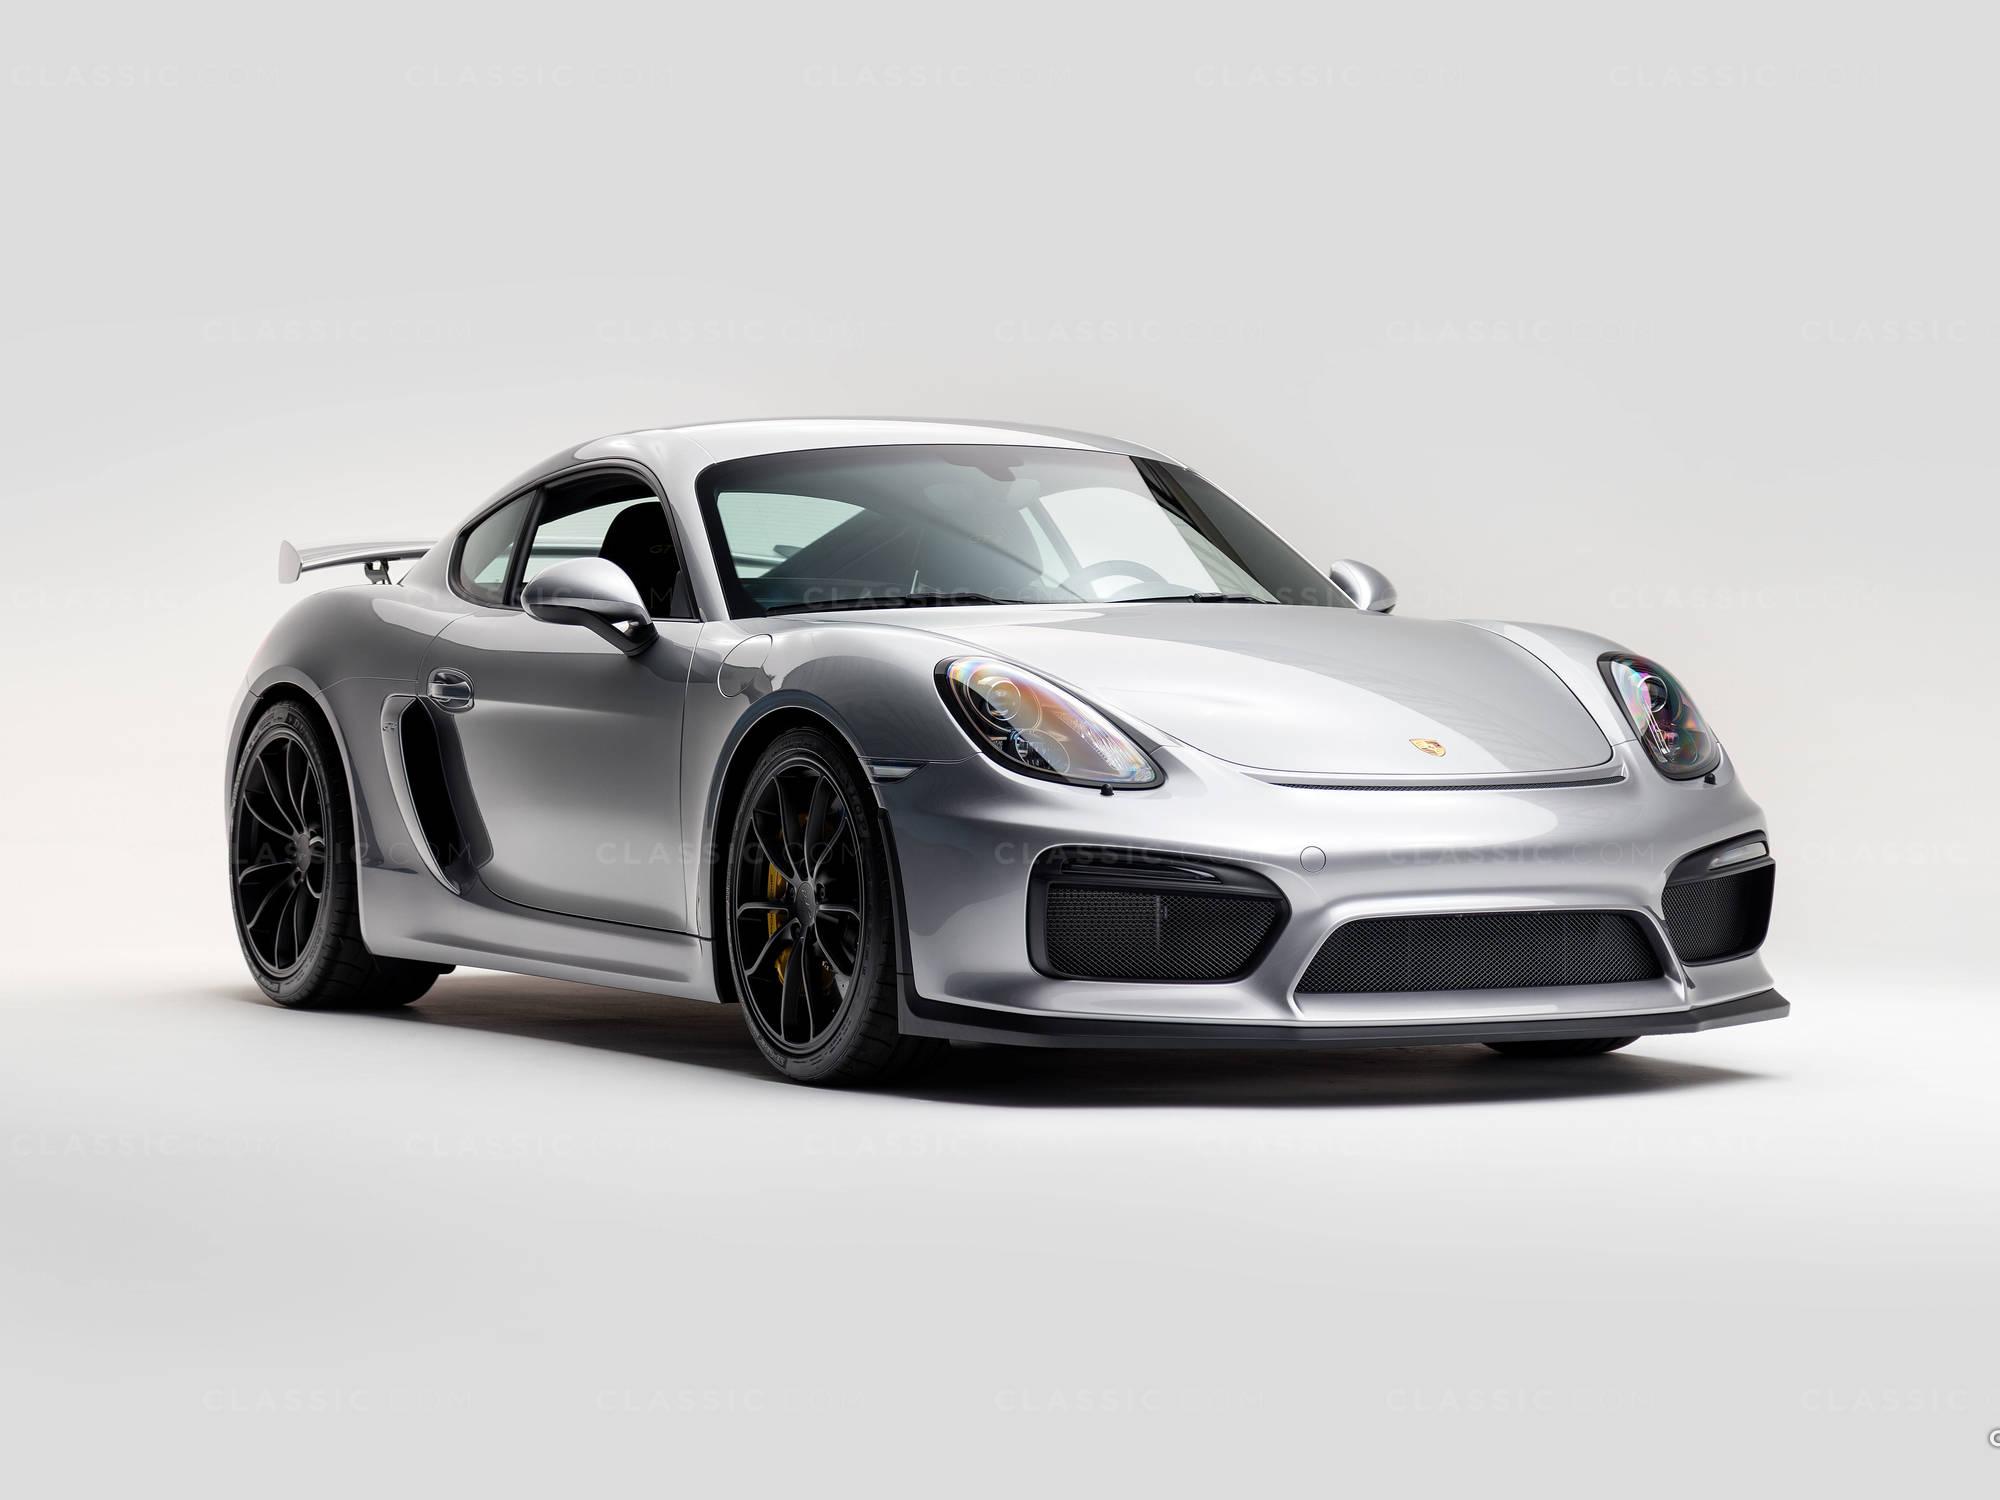 2016 Porsche GT4 Cayman Silver